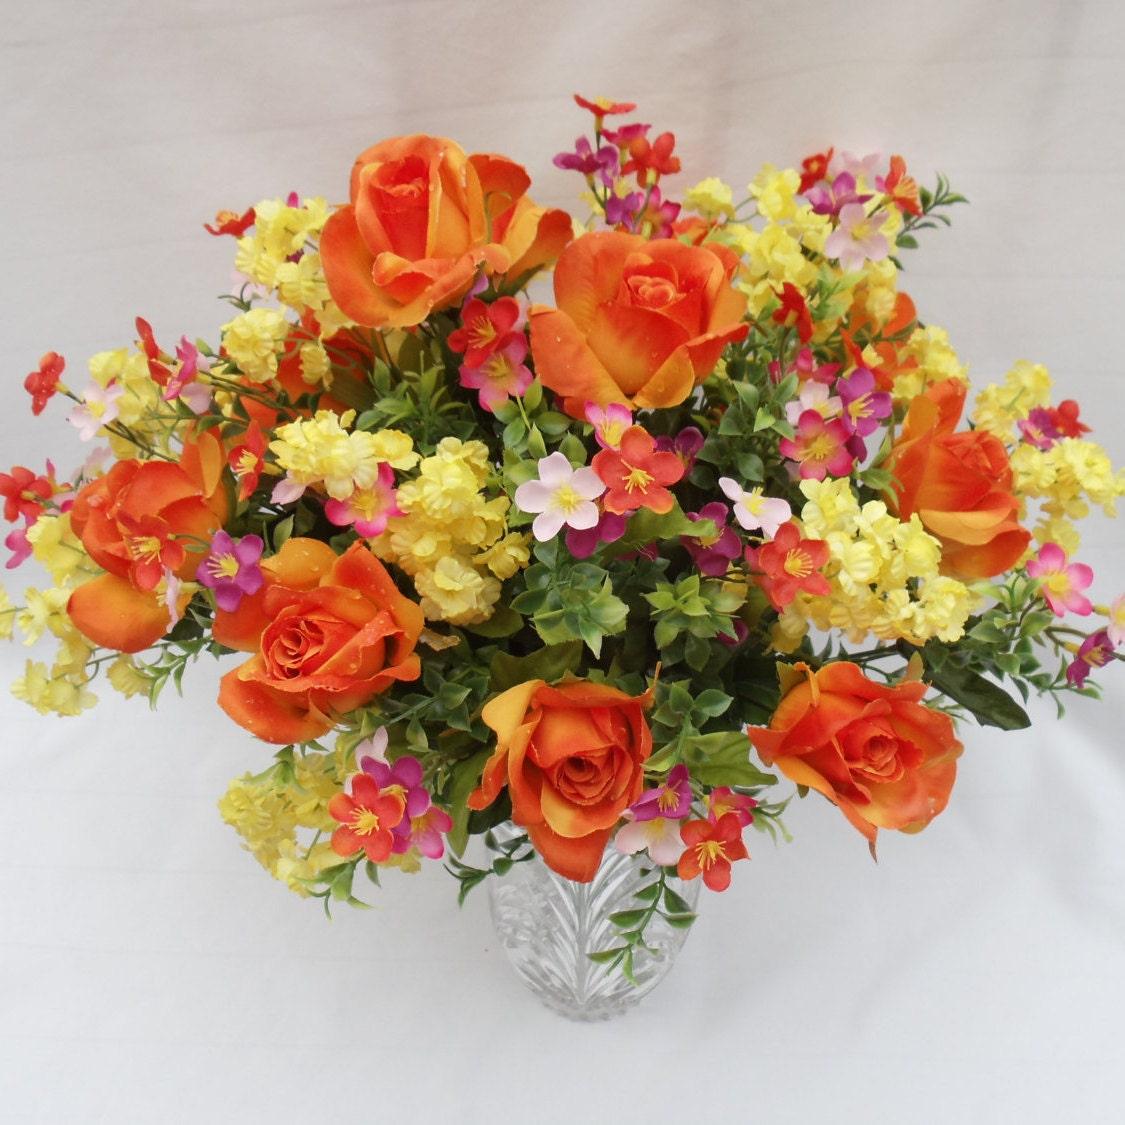 Styrofoam For Cemetery Vasescemetery Vases Best Vase Decoration